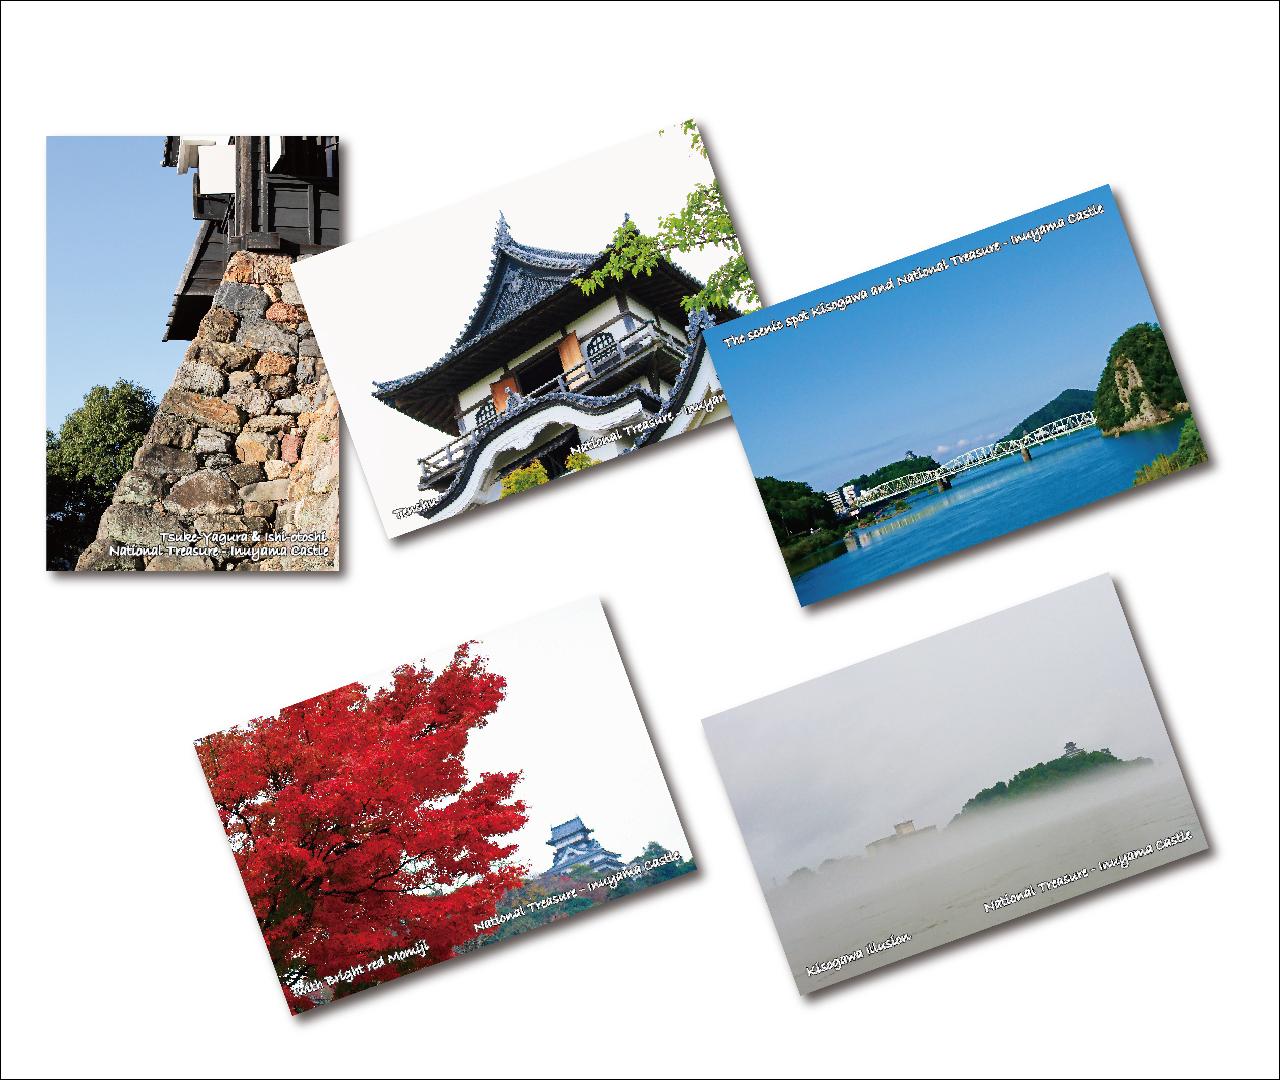 犬山城をもってこ</br>風薫る 『ポストカード』</br>5枚セット Bセット